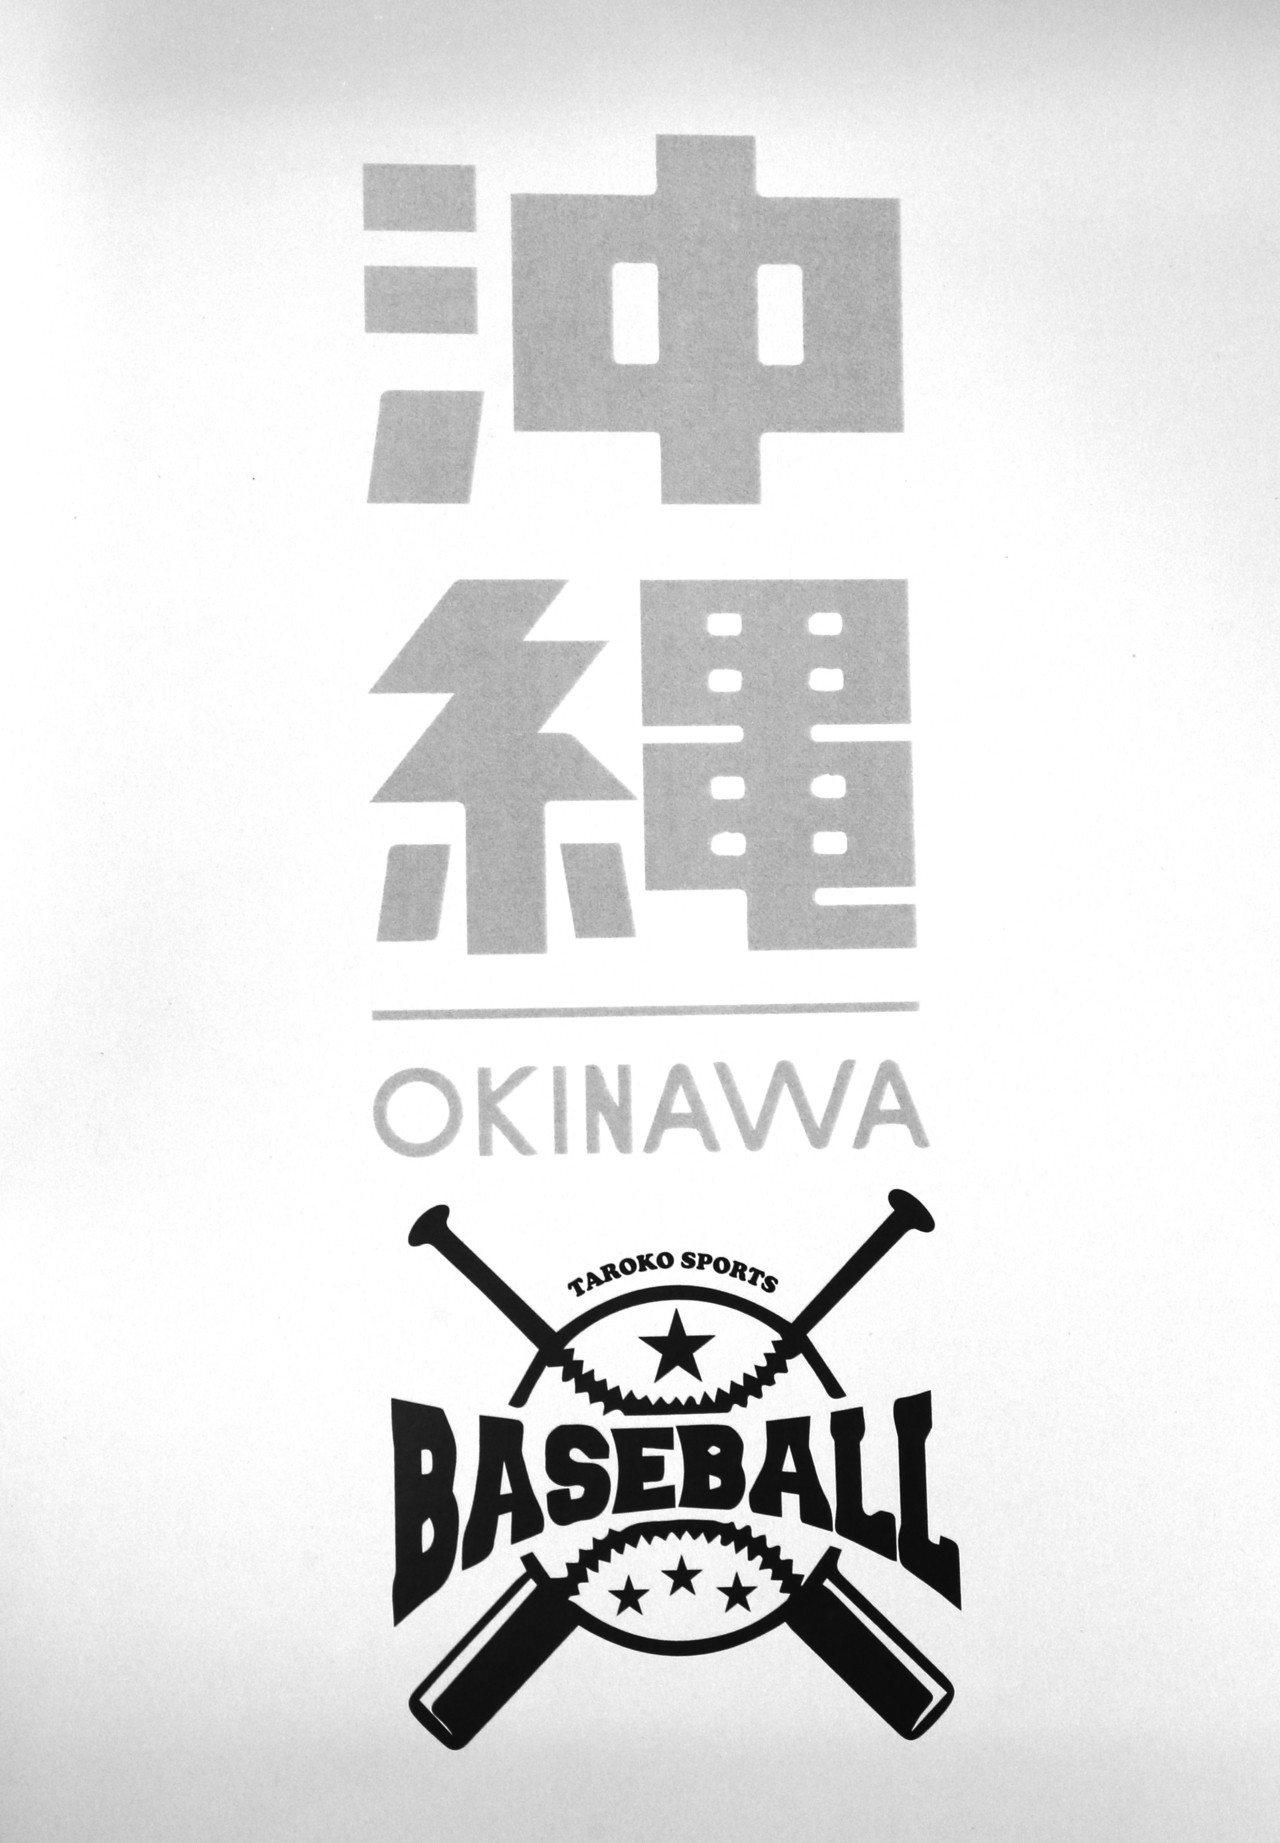 由大魯閣集團主導的沖繩球團籌備處,計劃在沖繩組隊加入中職。記者陳柏亨/翻攝